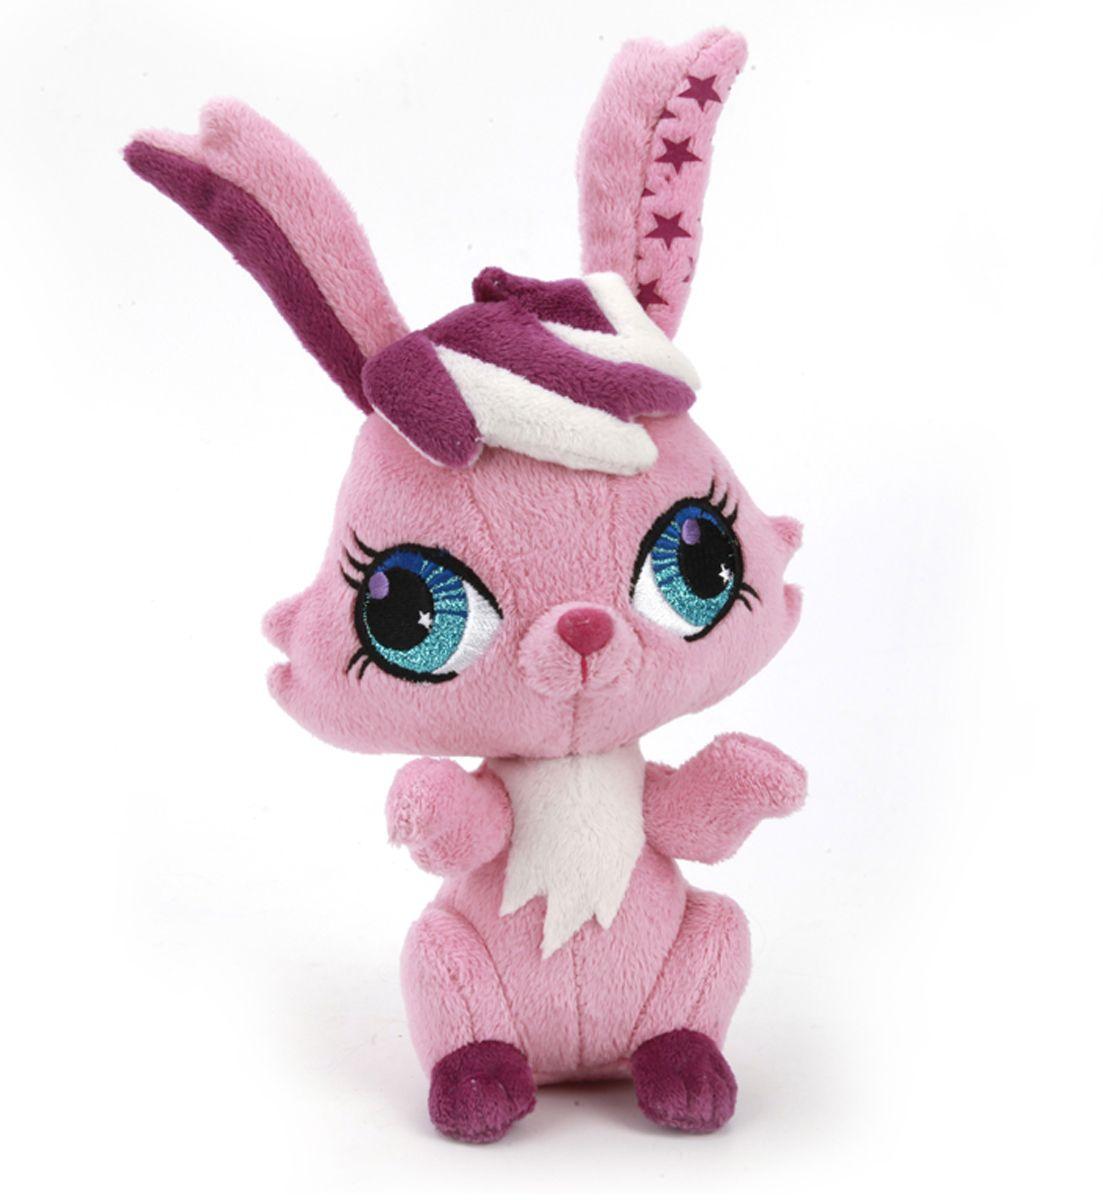 Мульти-Пульти Мягкая игрушка Кролик Lps 16 смV27622/16Мягкая игрушка сама по себе ассоциируется с радостью и весельем, конечно, и для наших детей такой подарок станет поистине незабываемым. Забавные, добрые мягкие игрушки радуют детей с самого рождения. Ведь уже в первые месяцы жизни ребенок проявляет интерес к плюшевым зверятам и необычным персонажам. Сначала они помогают ему познавать окружающий мир через тактильные ощущения, знакомят его с животным миром нашей планеты, формируют цветовосприятие и способствуют концентрации внимания.